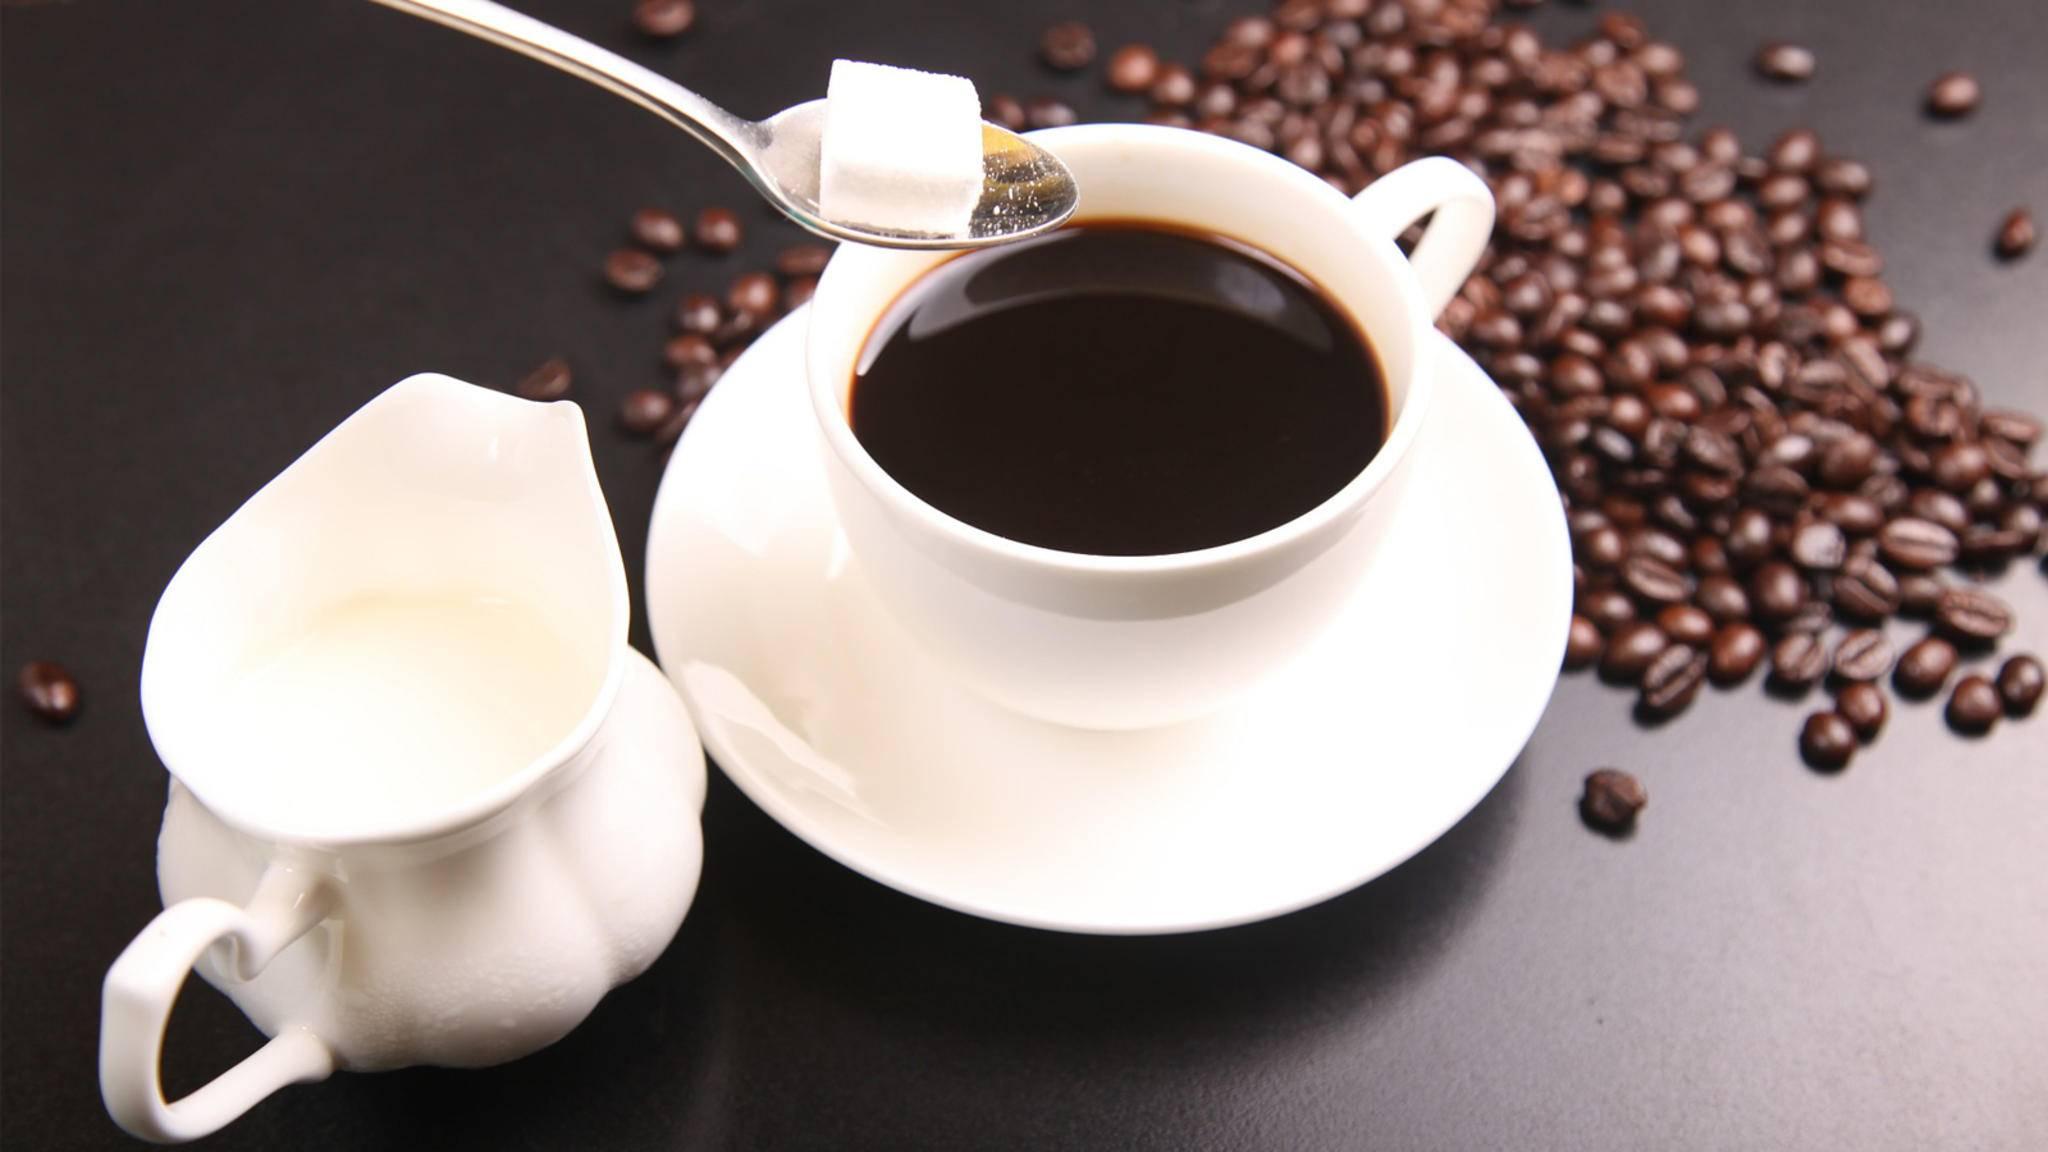 Kaffee mal anders: Diese 7 Zutaten sorgen für Abwechslung